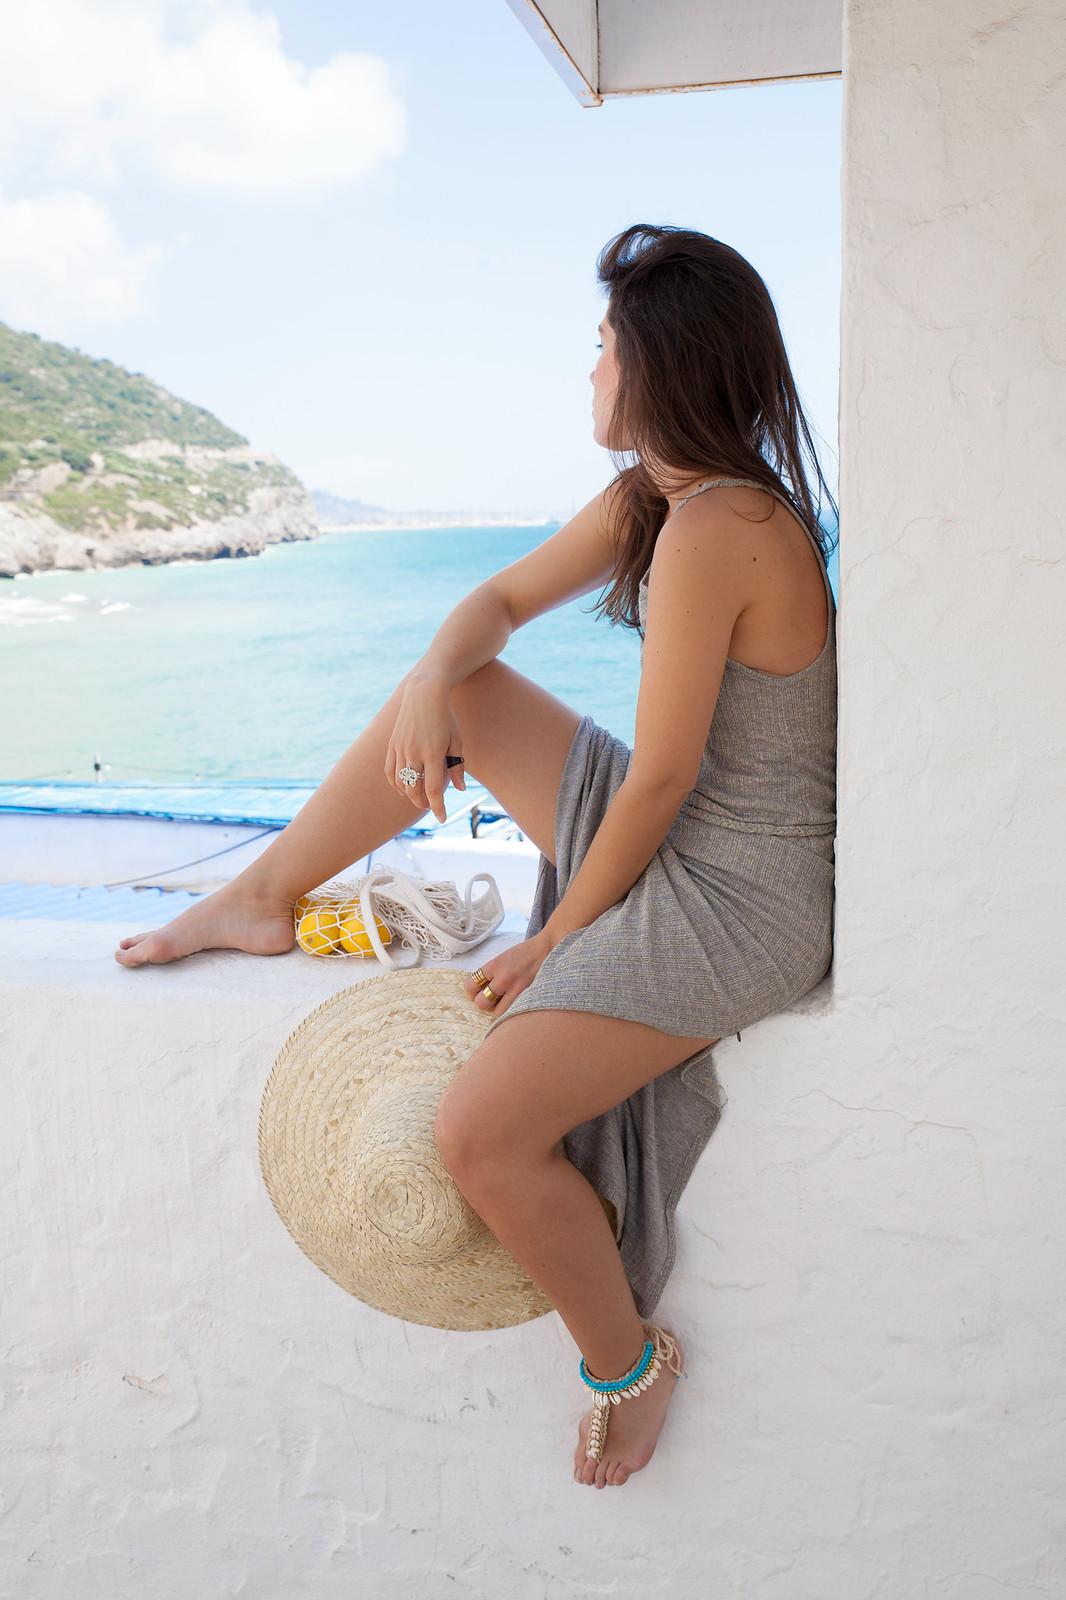 03_vestido_ideal_verano_hilos_dorados_mi_and_co_theguestgirl